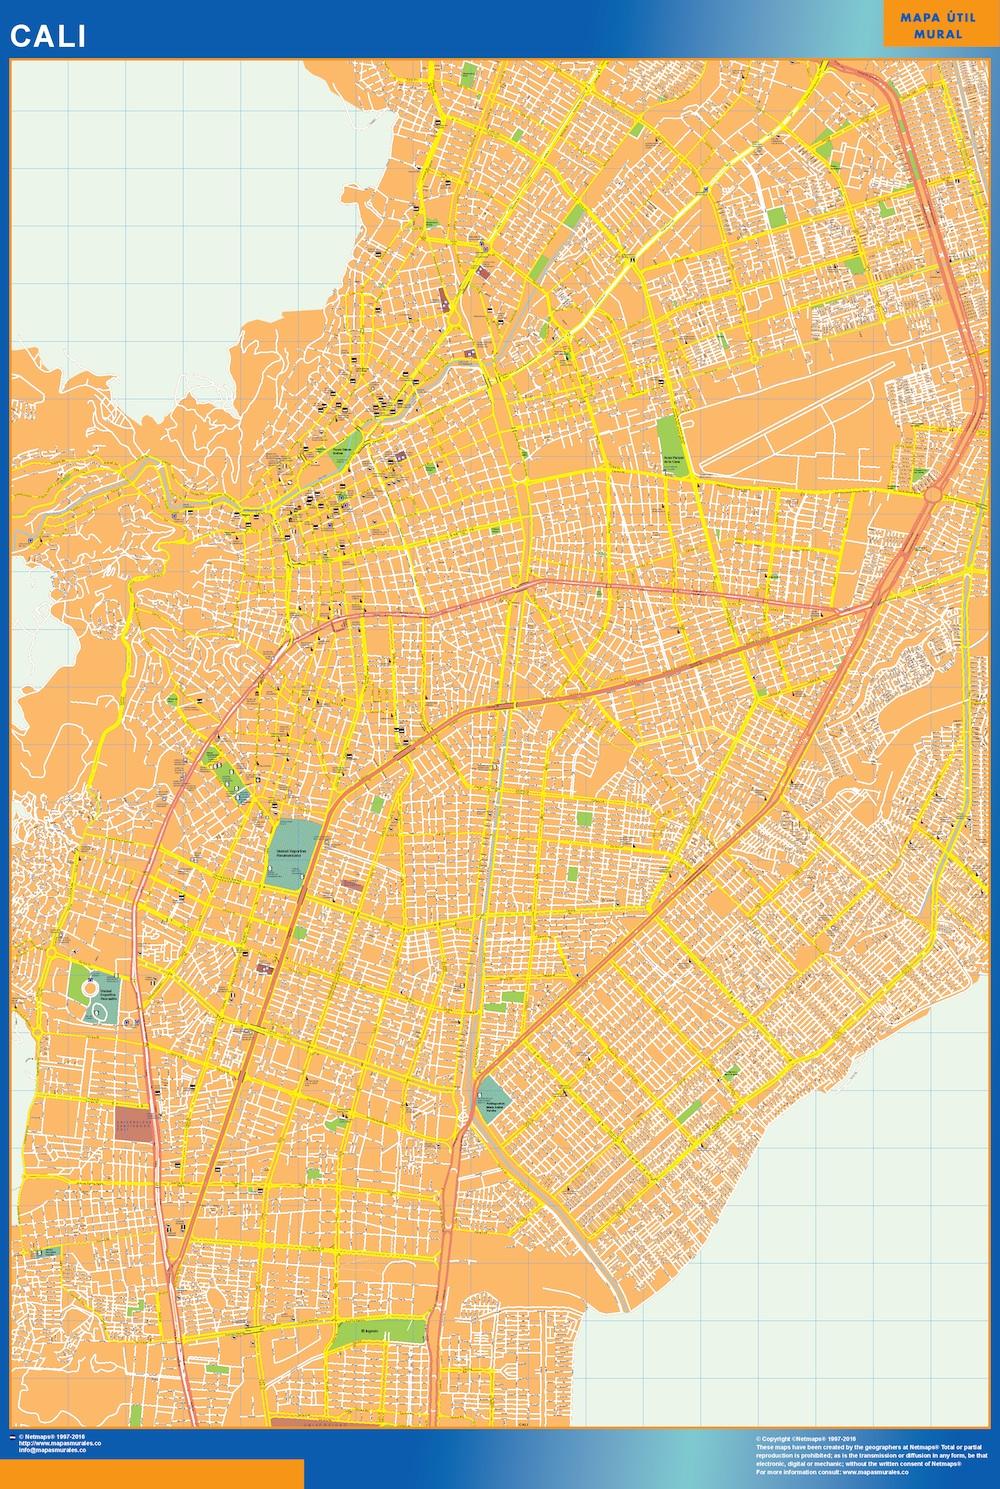 Mapa de Cali en Colombia plastificado gigante